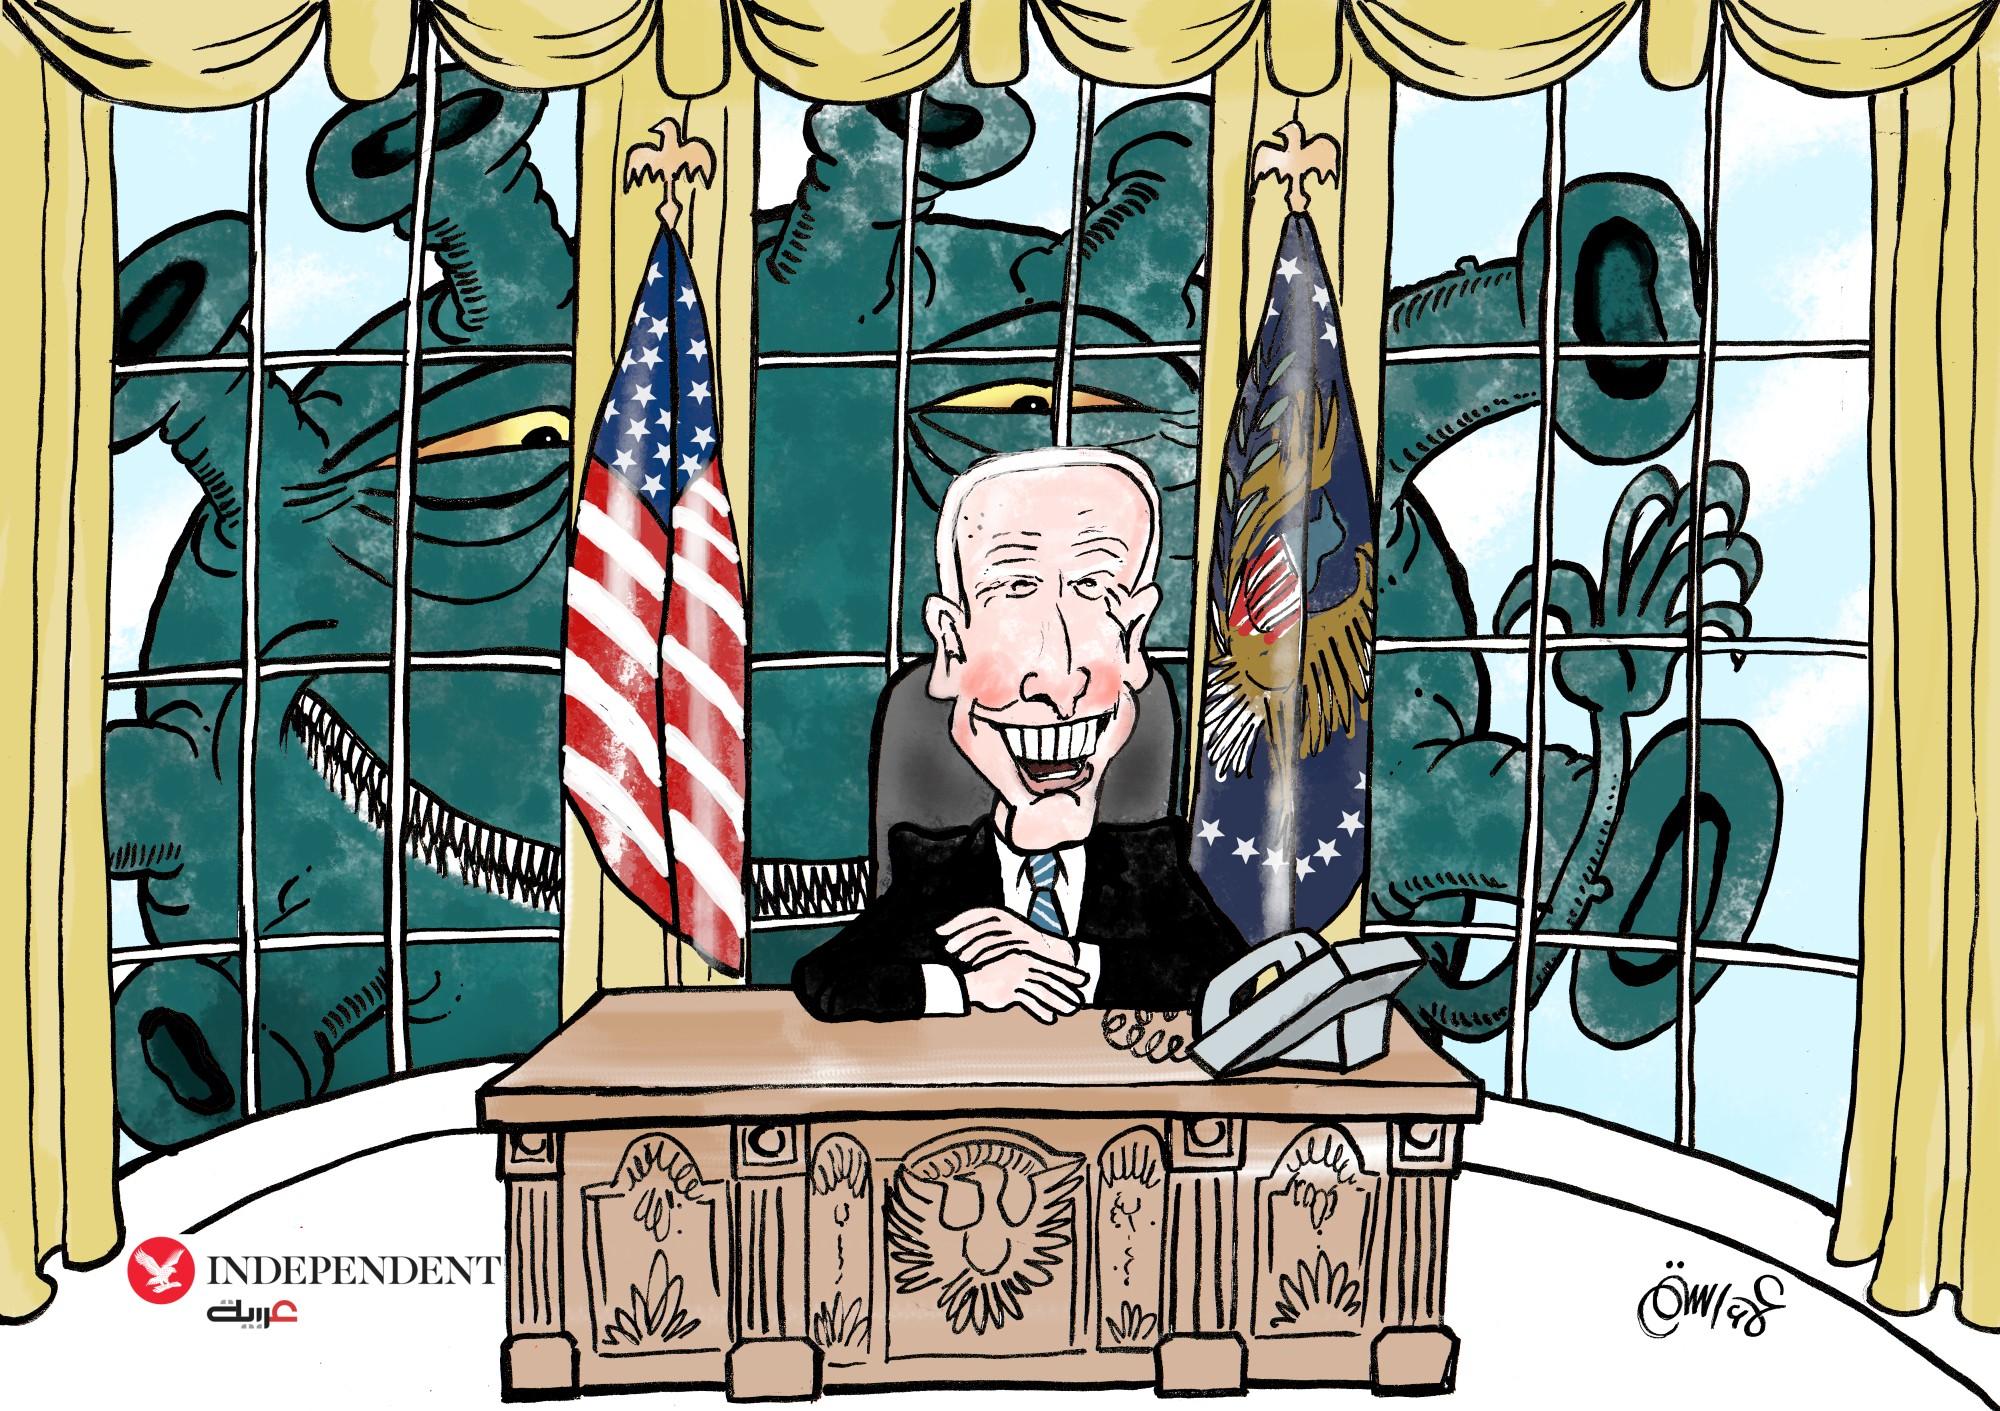 تعهد الرئيس الأميركي جو بايدن بتوفير 100 مليون جرعة من لقاحات كورونا في المئة يوم الأولى من ولايته (علاء رستم - اندبندنت عربية)